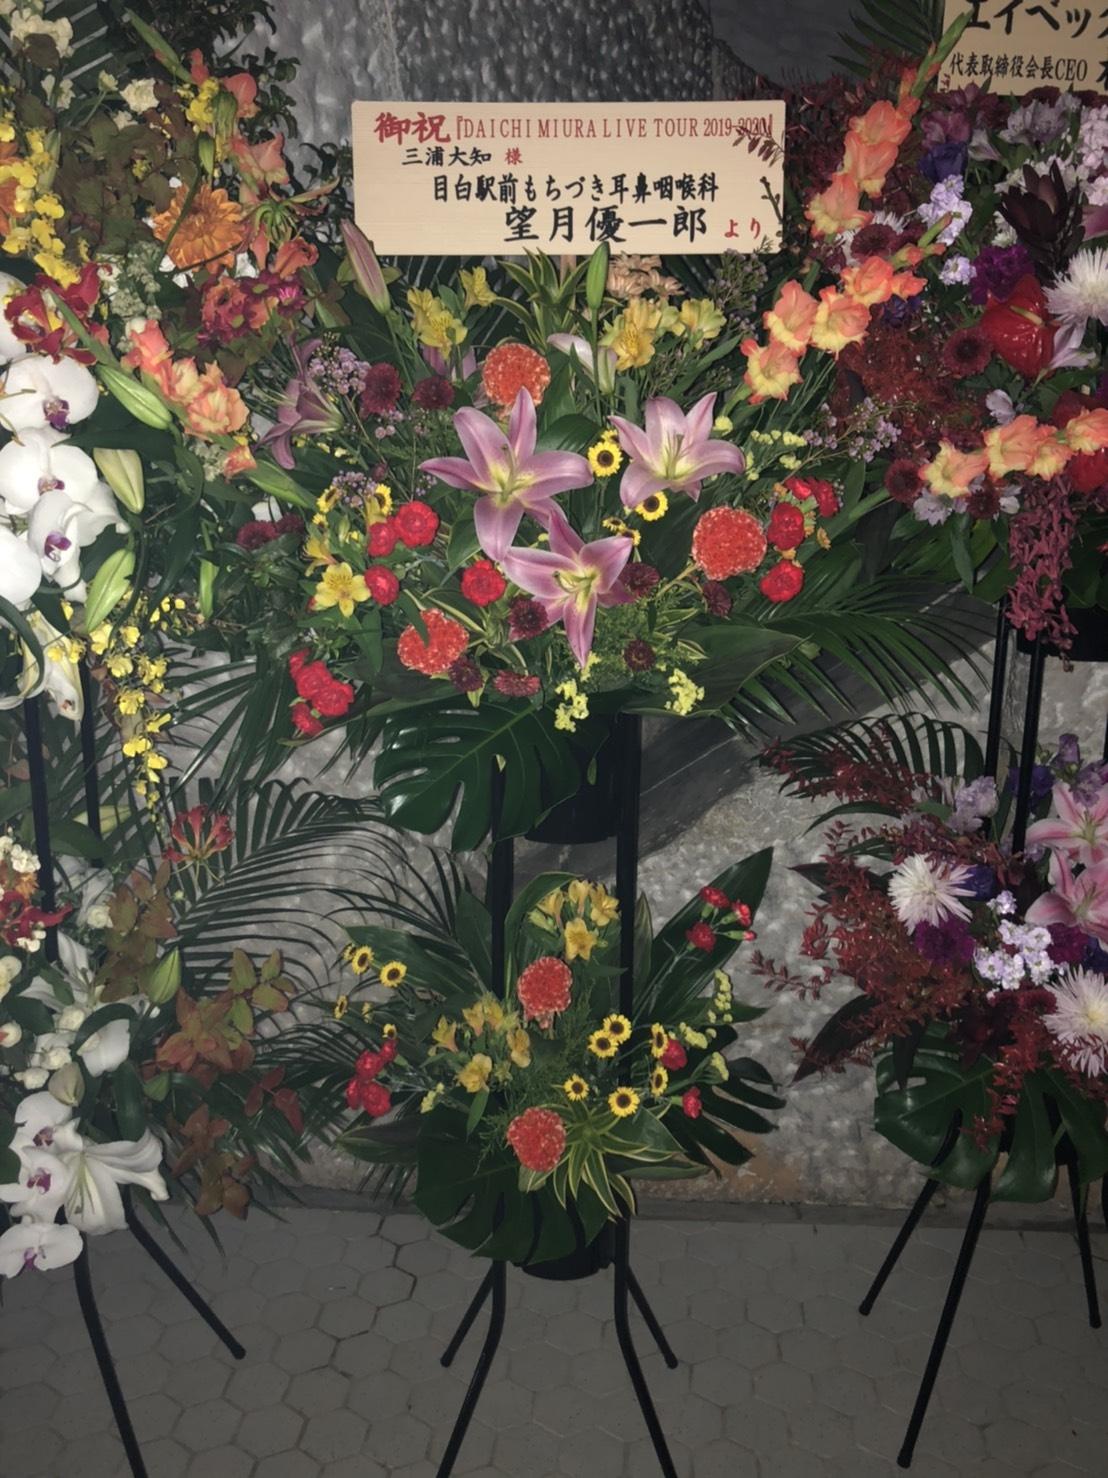 もちづき耳鼻咽喉科三浦大知LIVE2019